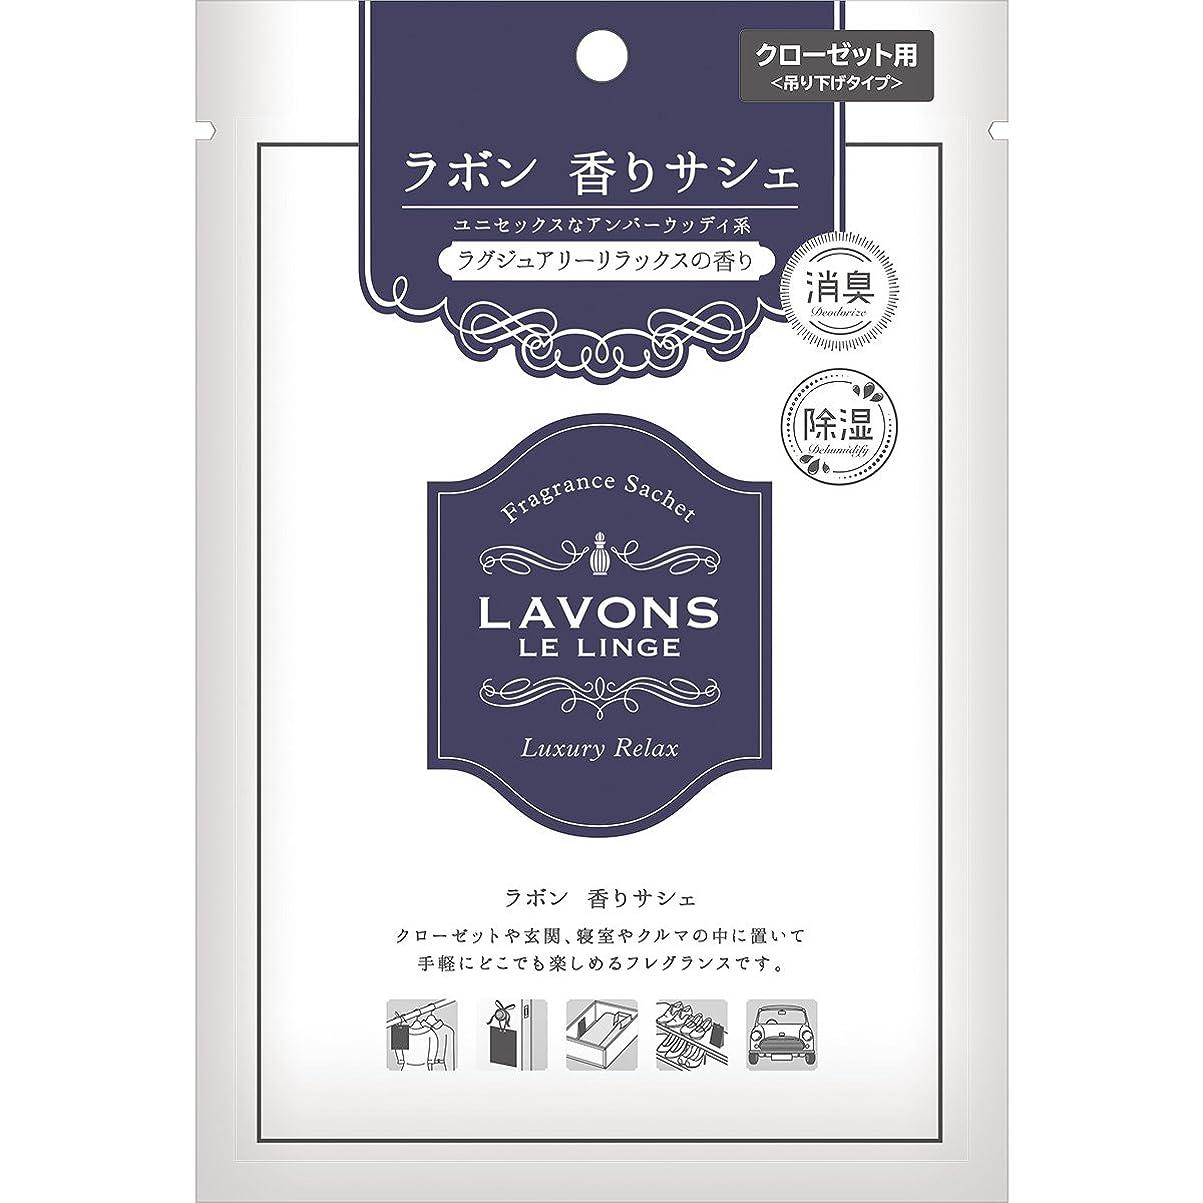 ラボン 香りサシェ (香り袋) ラグジュアリーリラックス 20g